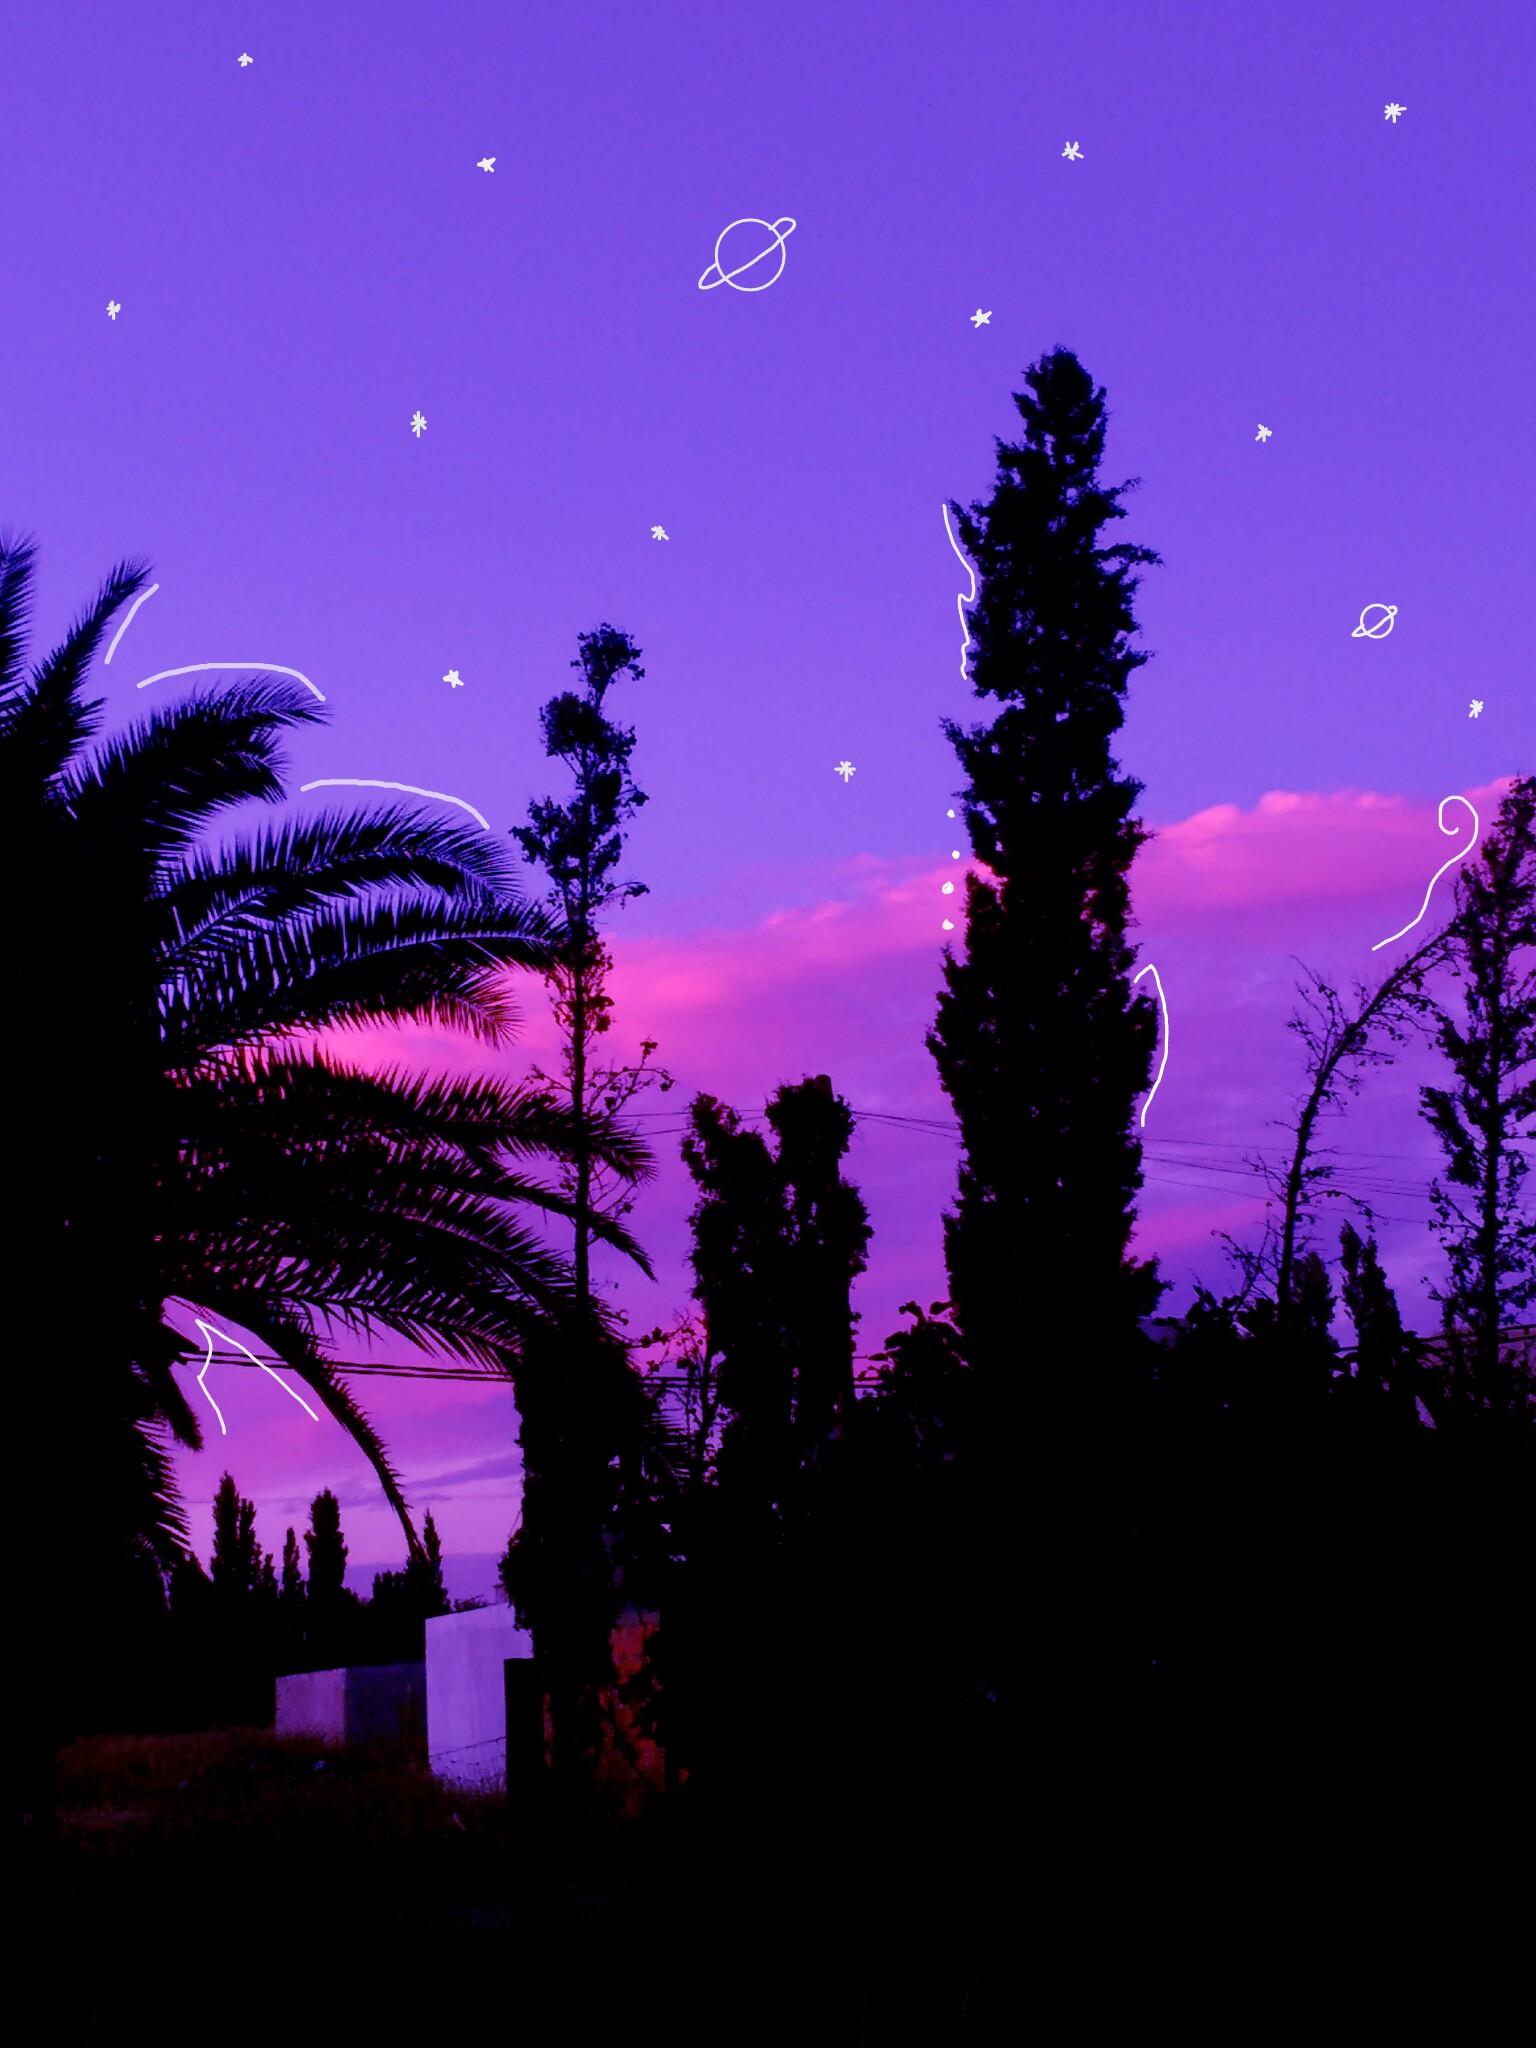 Purple tumblr